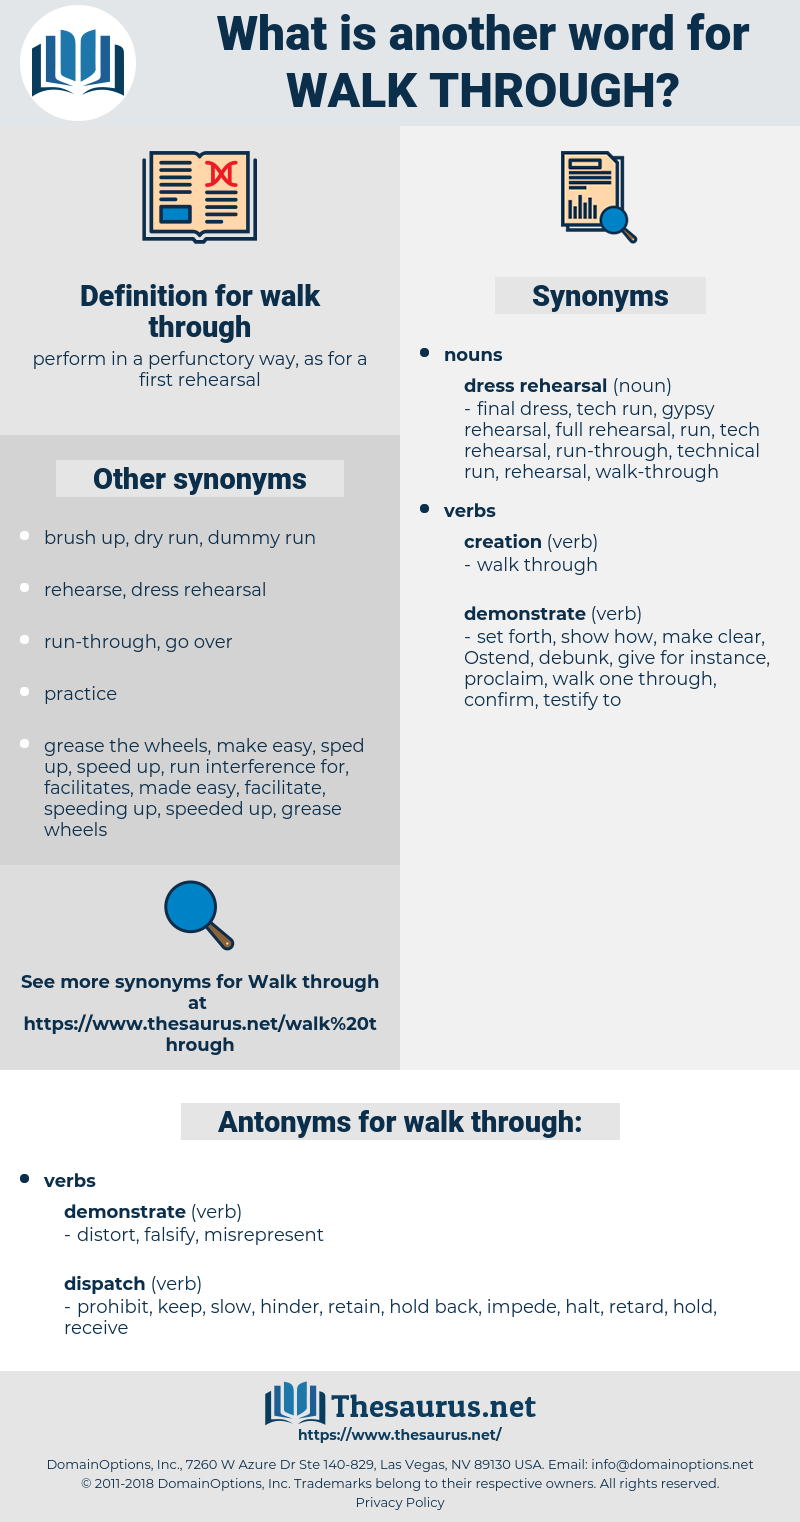 walk through, synonym walk through, another word for walk through, words like walk through, thesaurus walk through